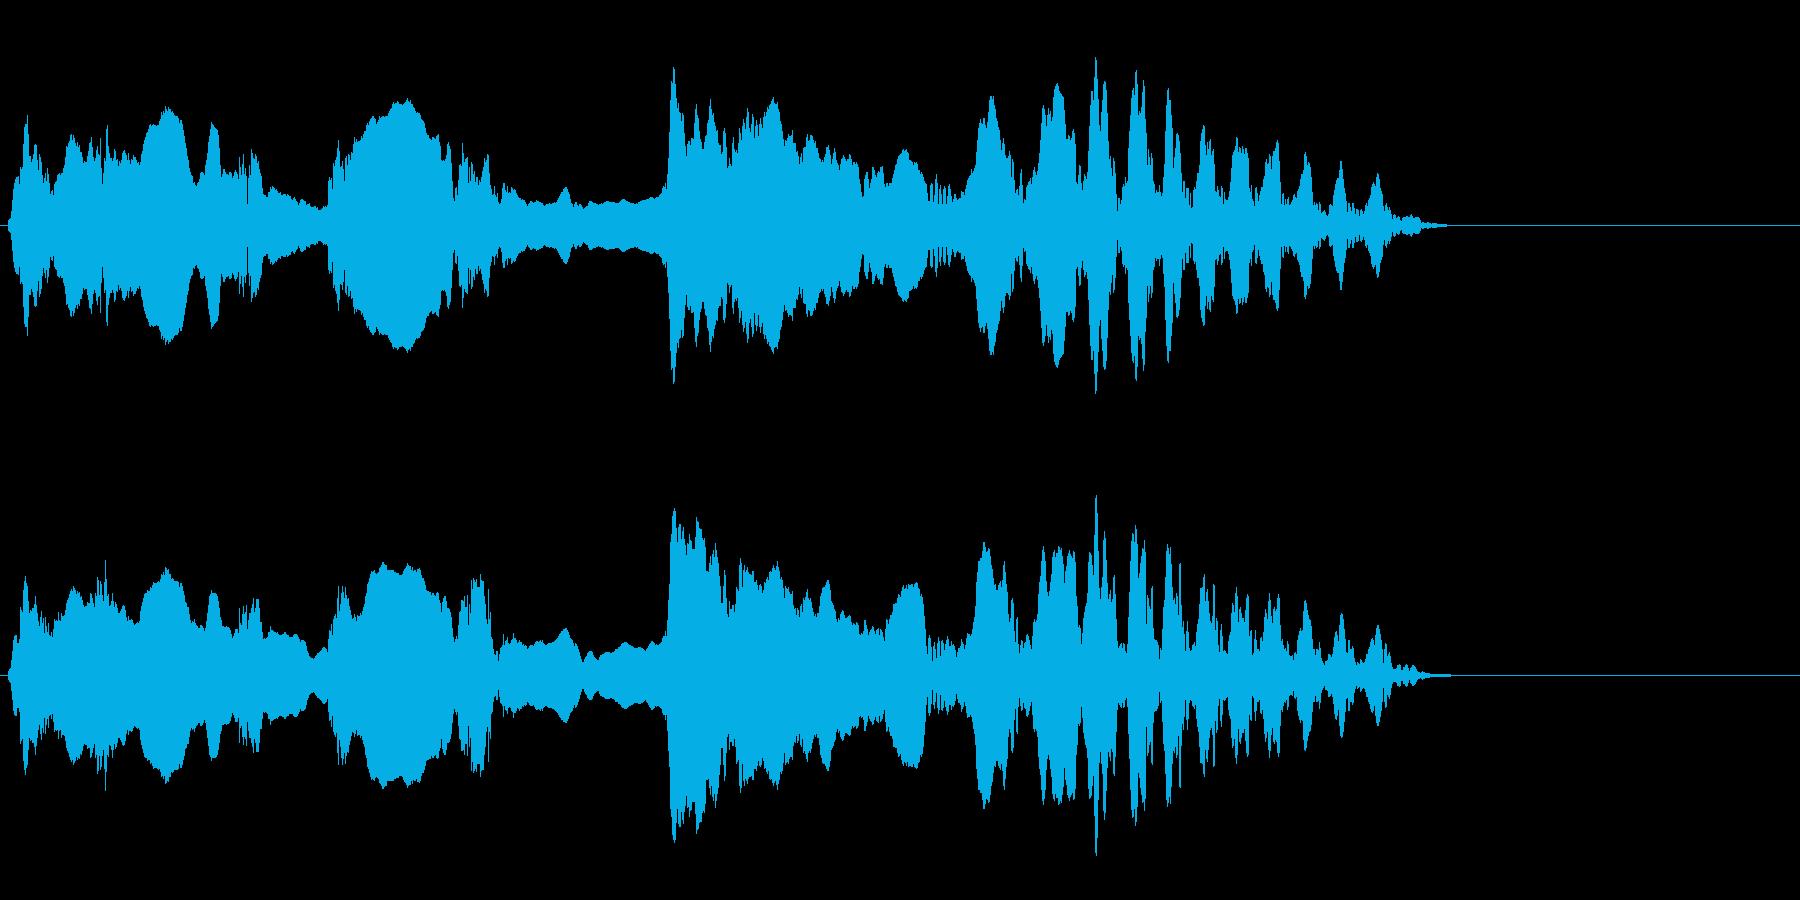 尺八 生演奏 古典風 残響音無 10の再生済みの波形